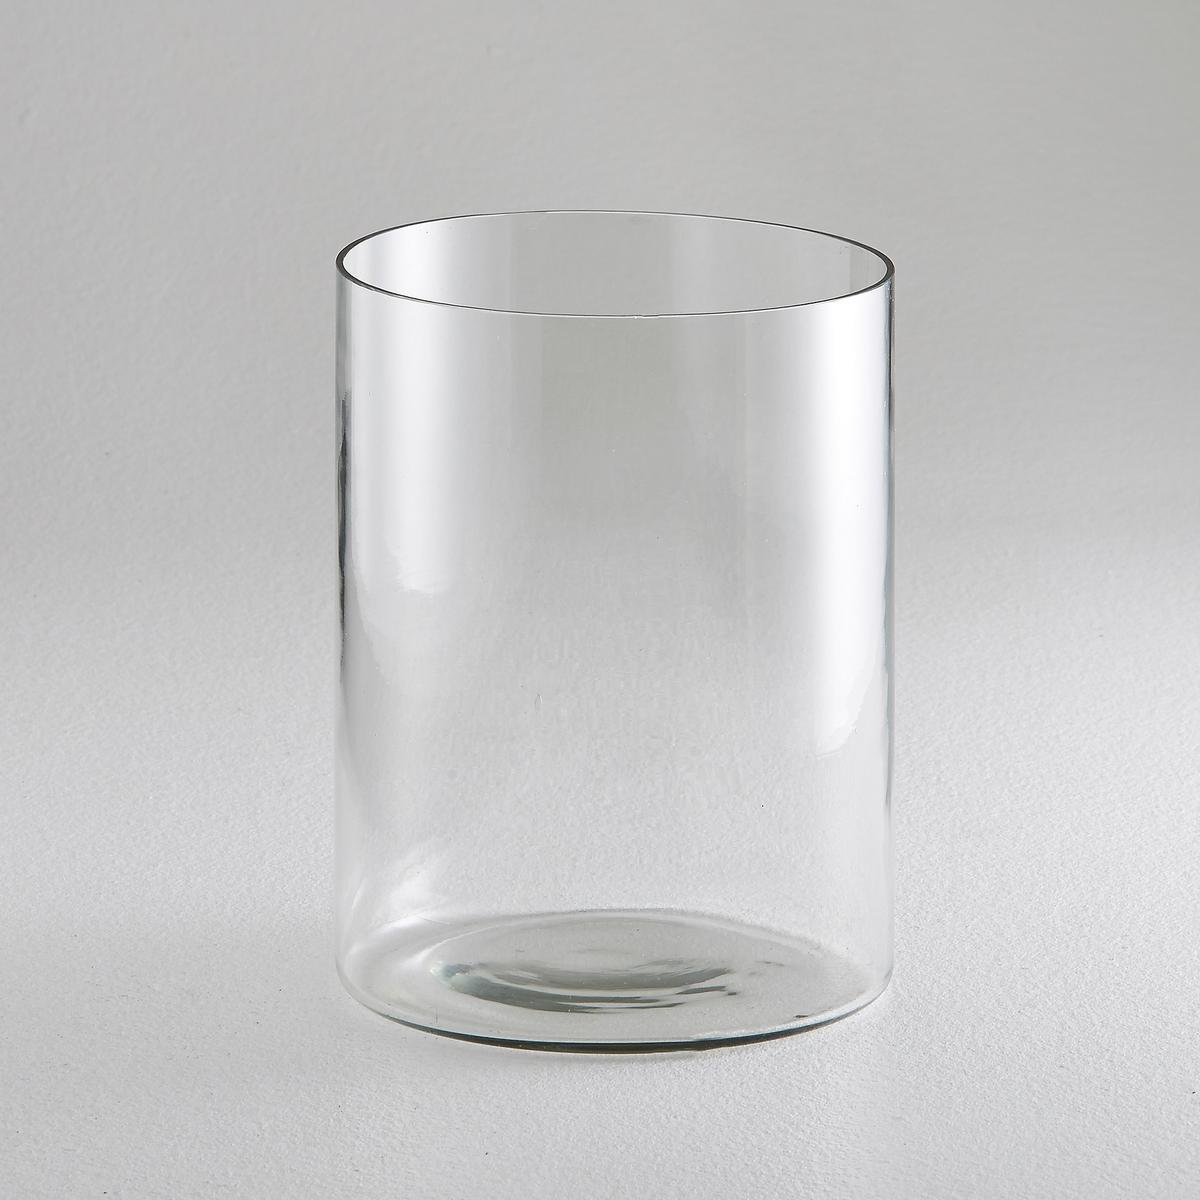 Ваза декоративная, 2 варианта отделки, EzioХарактеристики вазы Ezio :Ваза из прозрачного стекла или пузырчатого стекла.Откройте для себя всю коллекцию ваз и предметов декора на сайте laredoute.ru.Размеры вазы Ezio :Размеры. 1 вазы : Выс. 20 x Диаметр 15 см<br><br>Цвет: стеклянный прозрачный